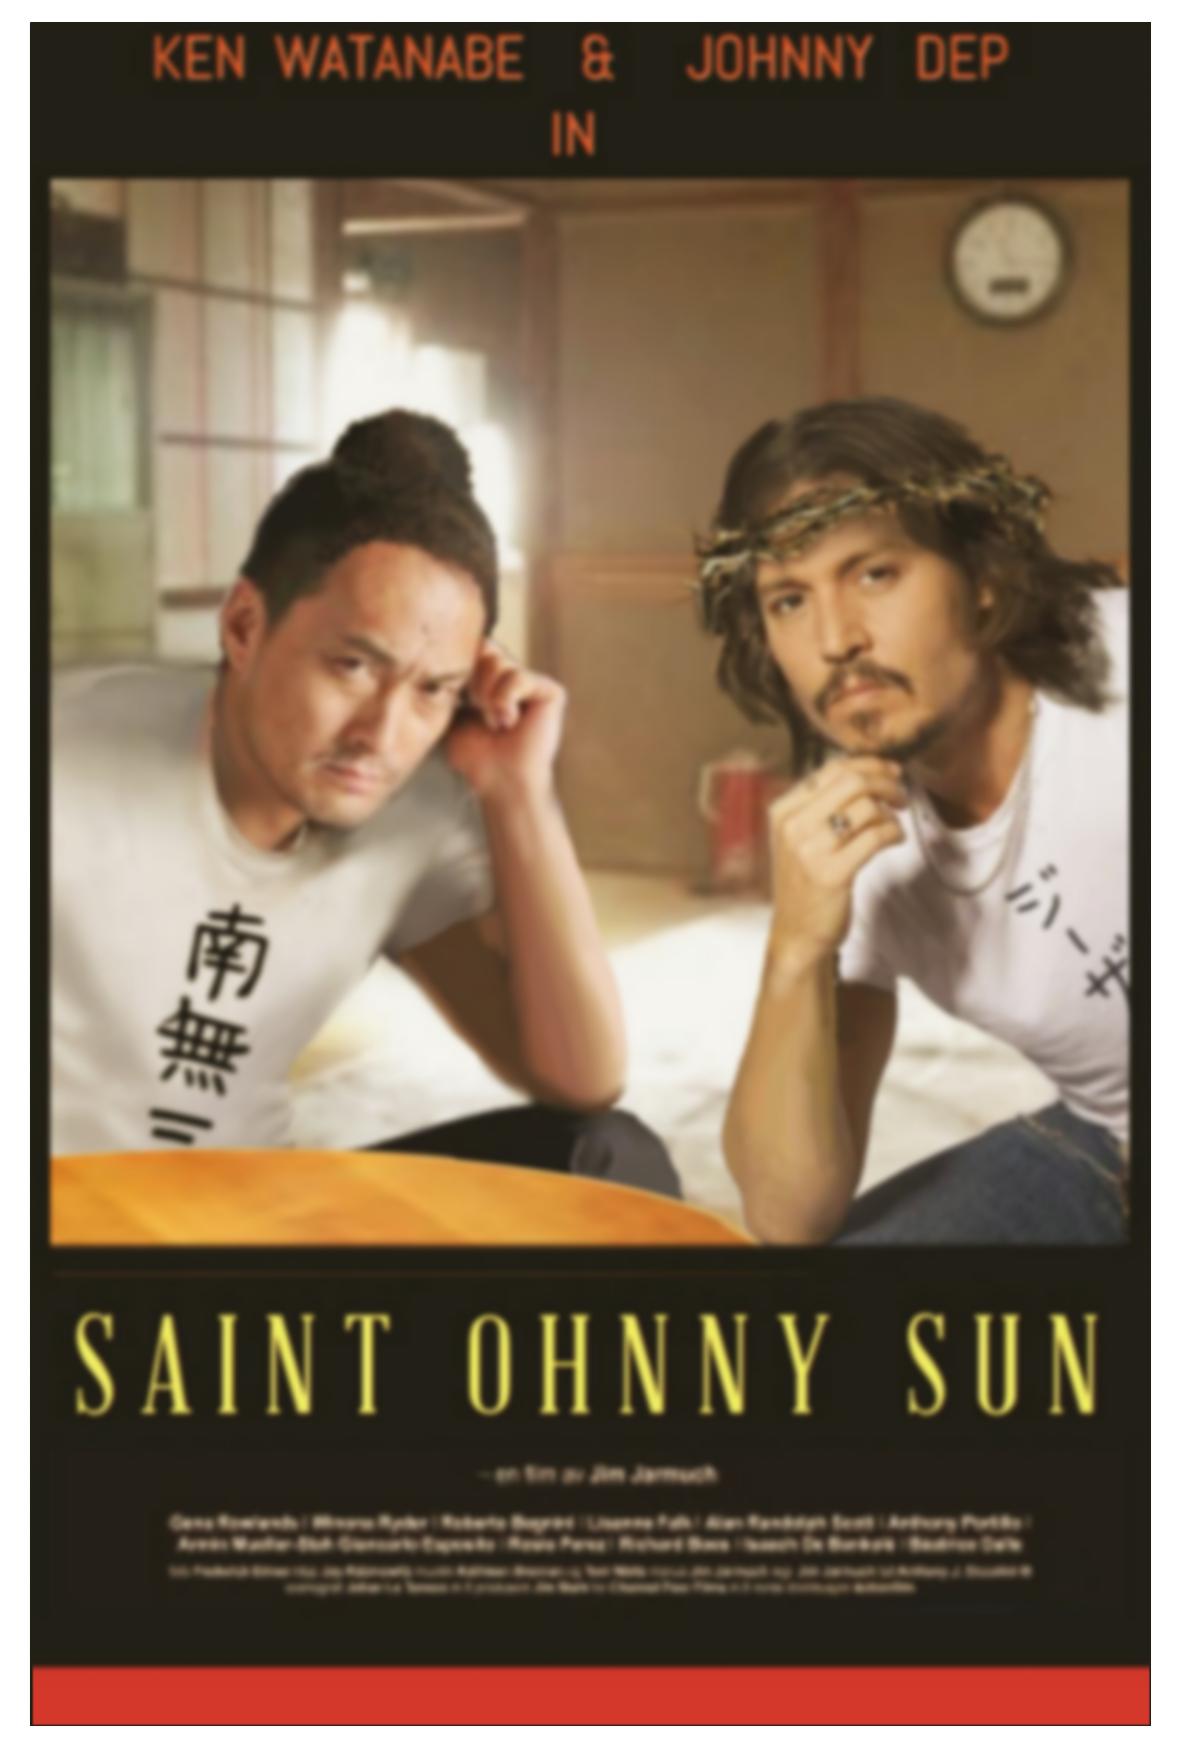 SAINT OHNNY  SUN